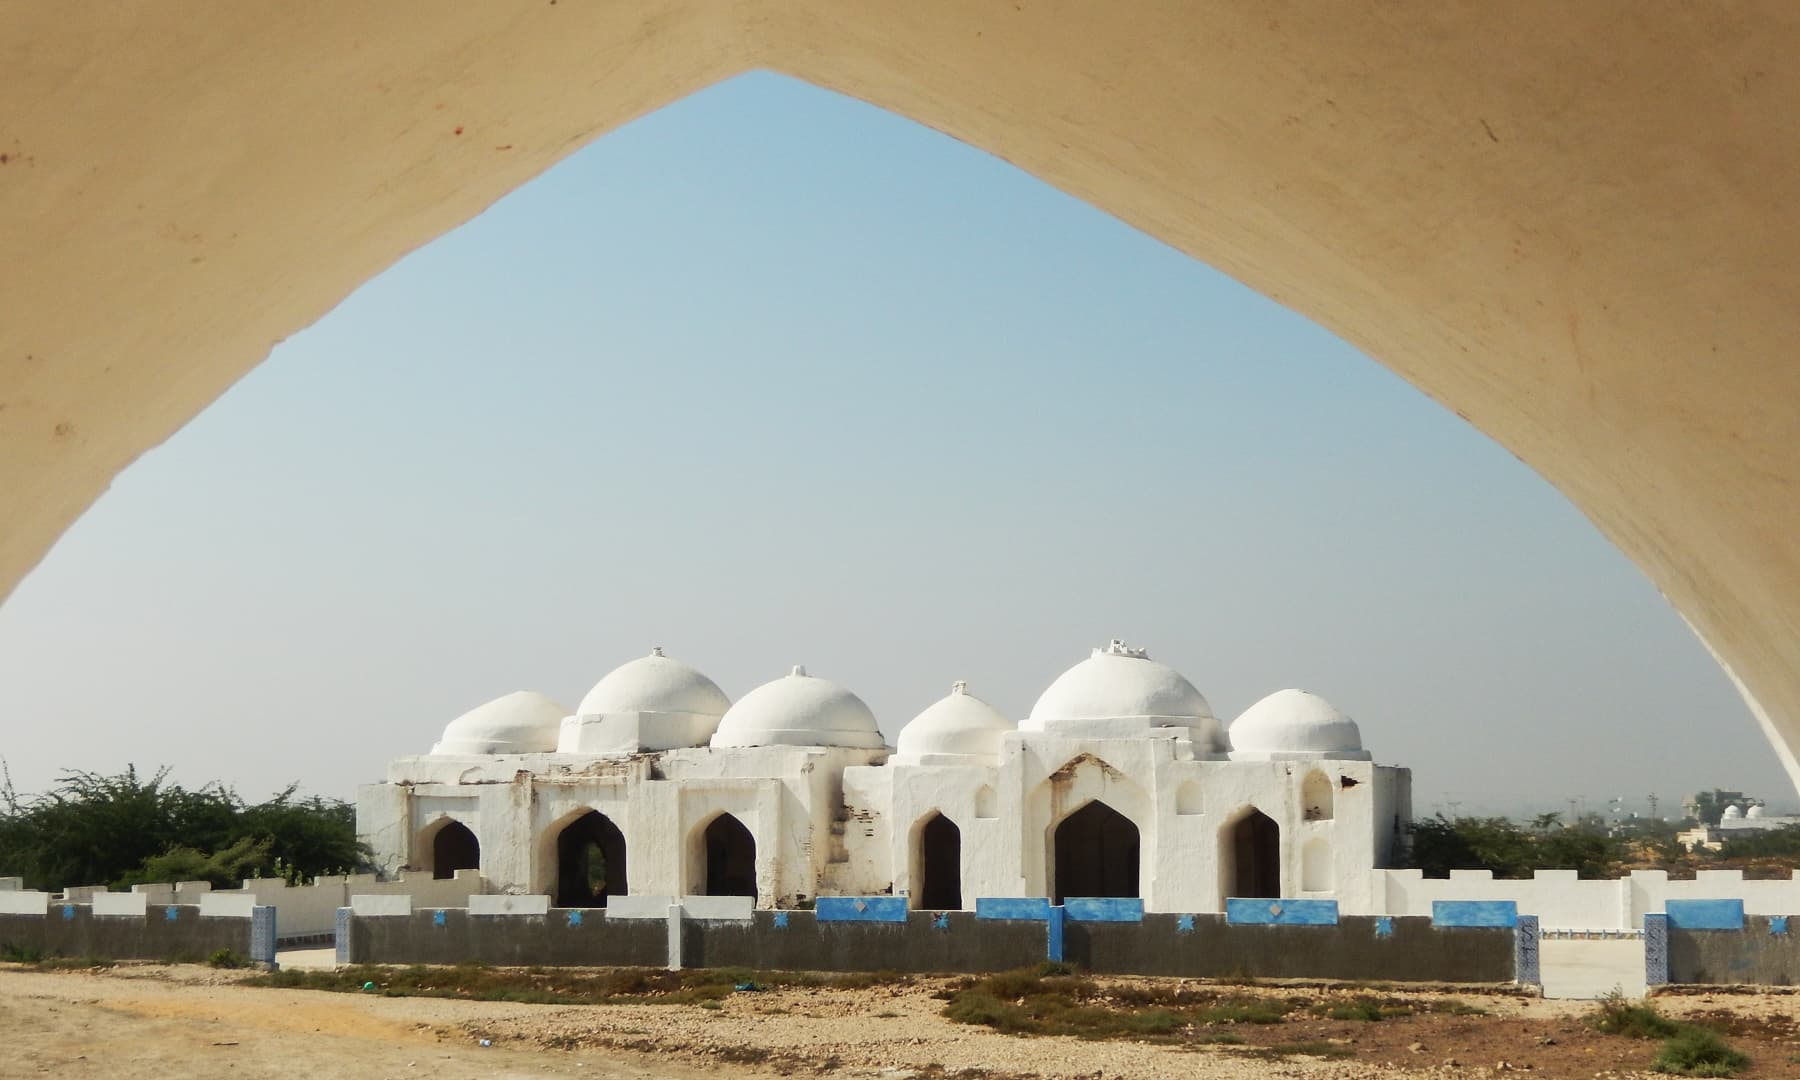 پیر پٹھو کی وادی میں قدیم مسجد — تصویر ابوبکر شیخ